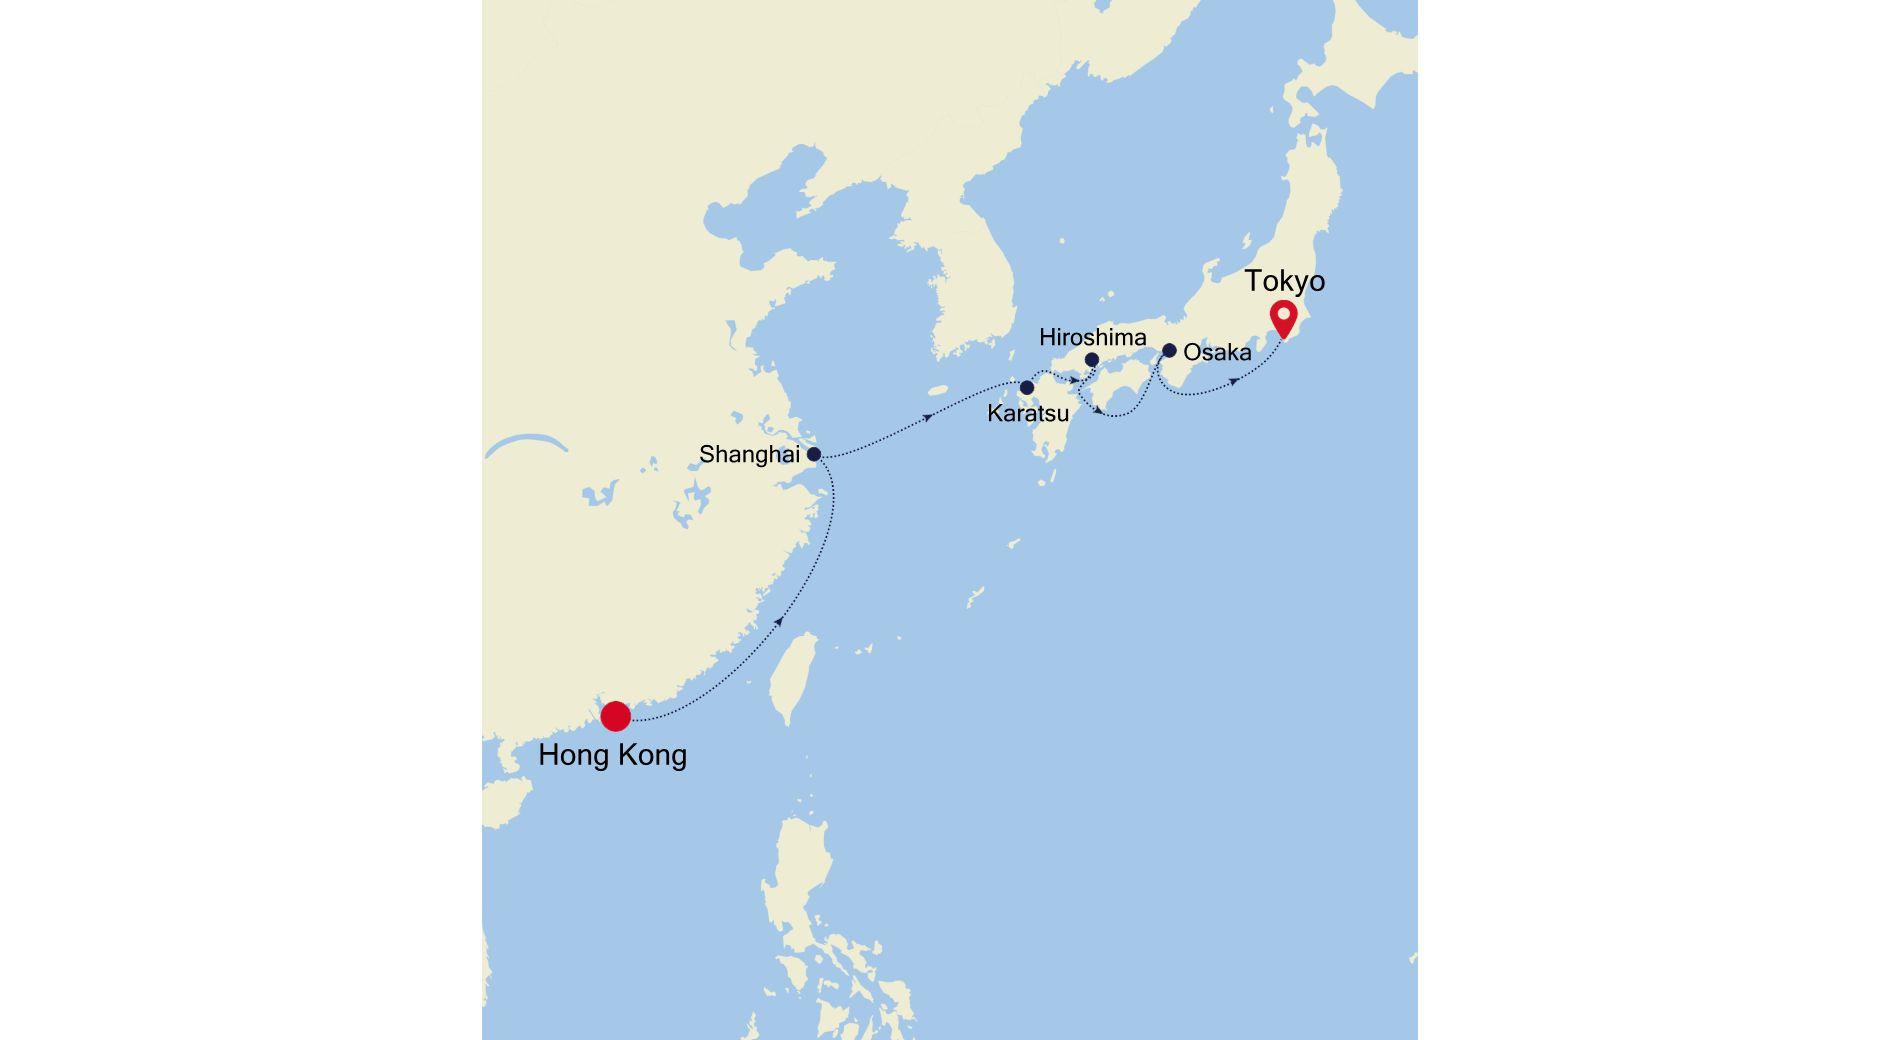 6907 - Hong Kong nach Tokyo